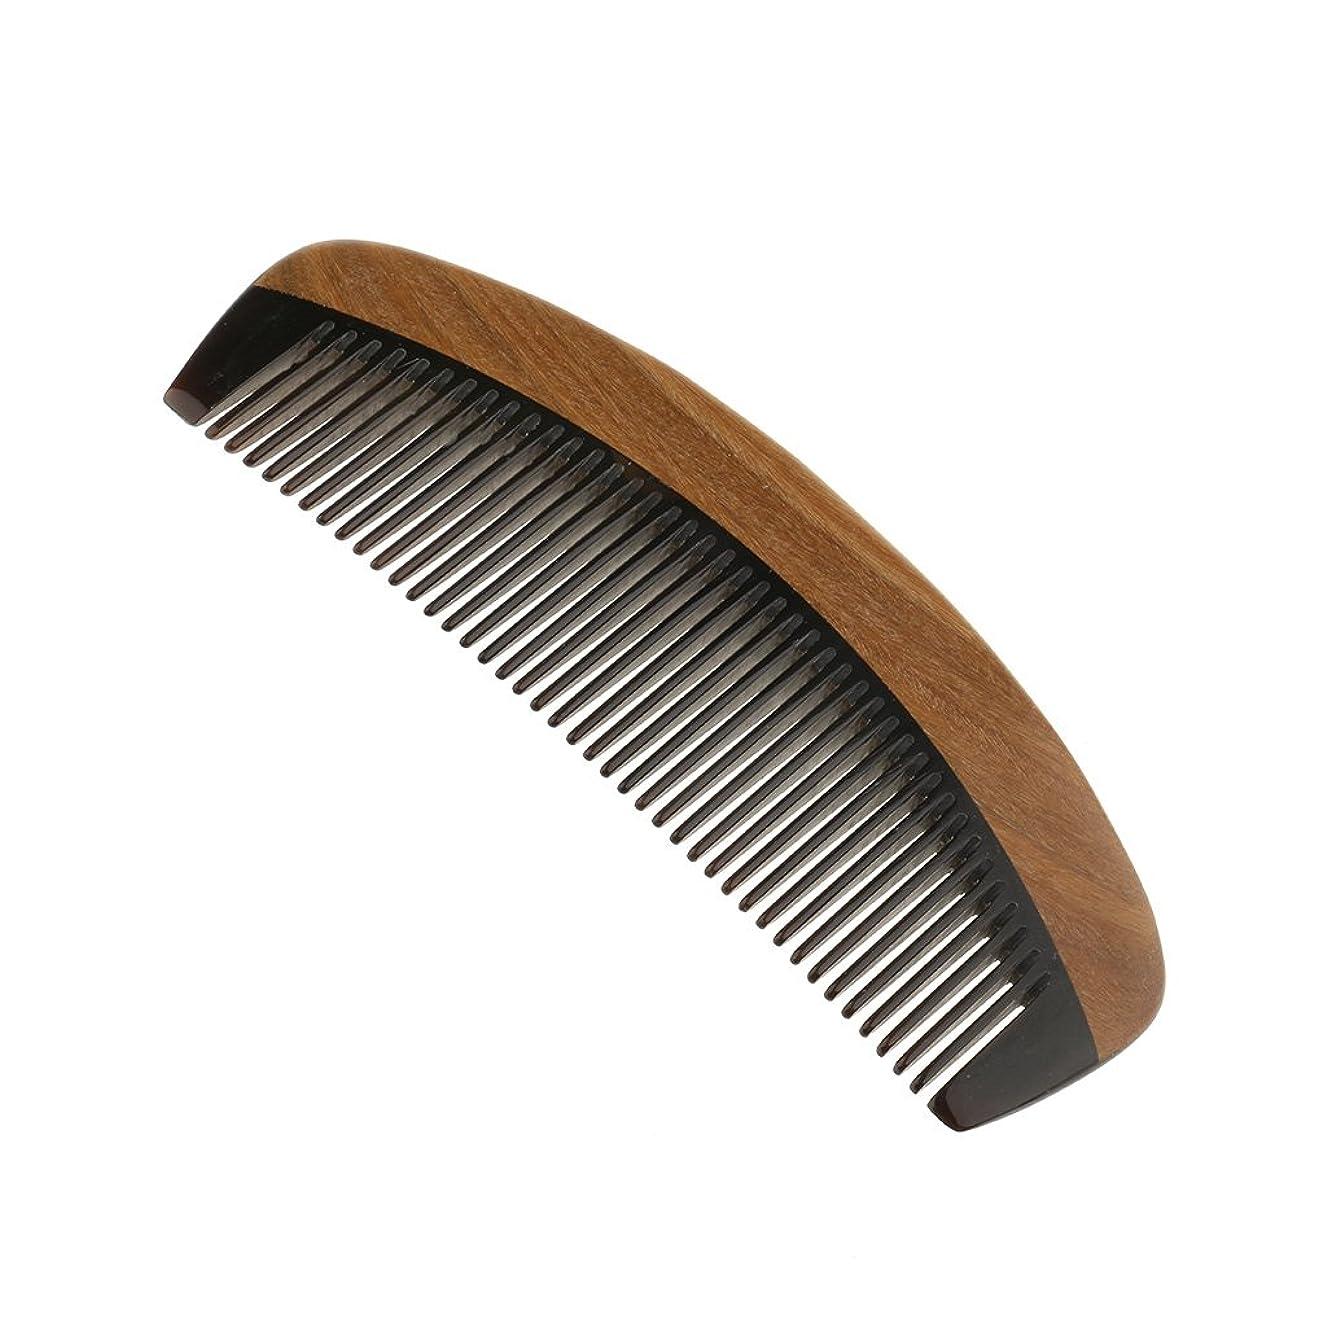 茎ホット買い手ウッドコーム 櫛 木製 ハンドメイド 静電気防止 高品質 マッサージ リラックス 便利